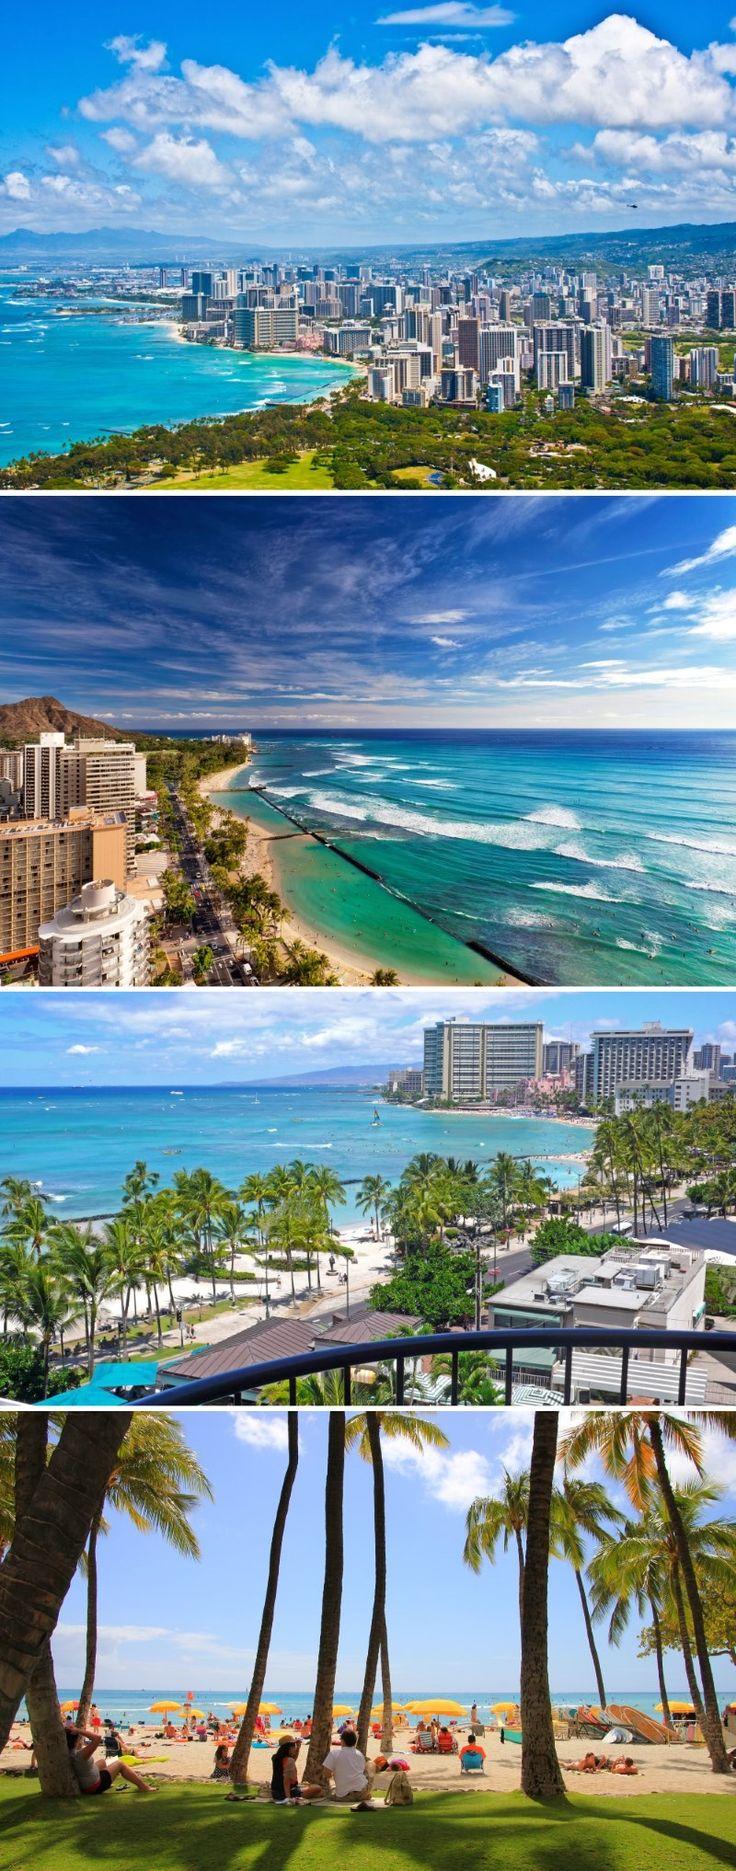 Сегодня мы с тобой отправимся на остров Оаху – самый главный остров архипелага Гавайские острова. Самый большой город на Оаху – Гонолулу, который и является столицей американского штата Гавайи.  Визитной карточкой Гонолулу является пригород Вайкики – один из самых известных курортов мира. Красивое и чистое место. Благодаря тропическому климату тут круглый год солнце и тёплый океан.